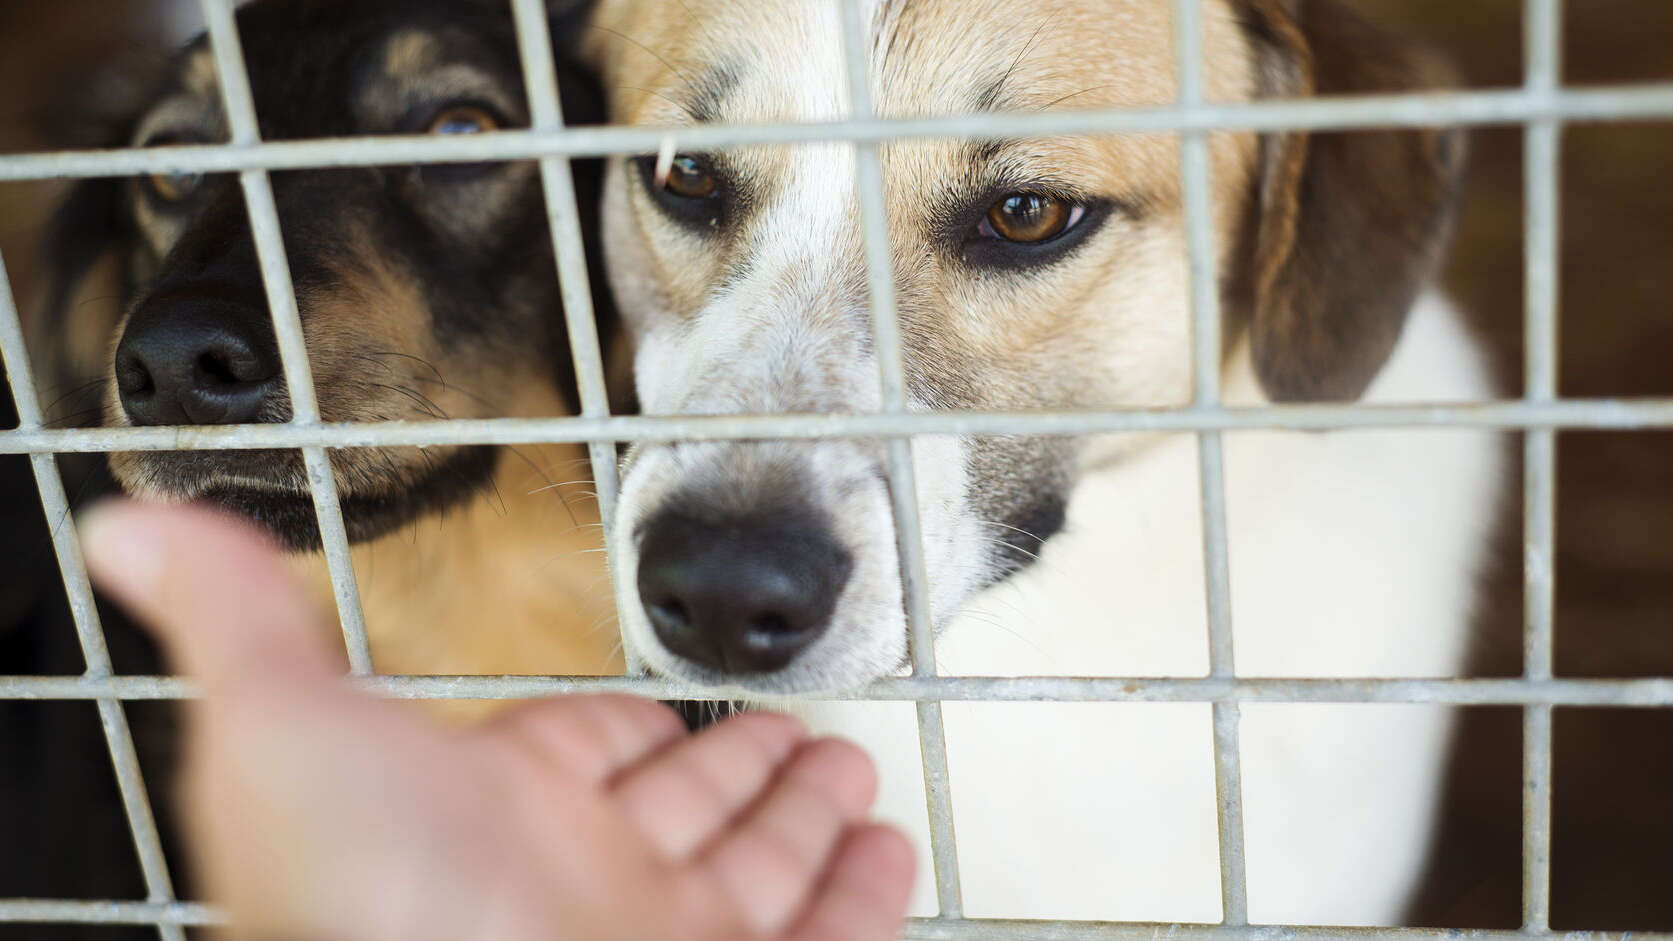 zwei Hunde hinter einem Gitter und eine Hand, die einen der Hunde streichelt